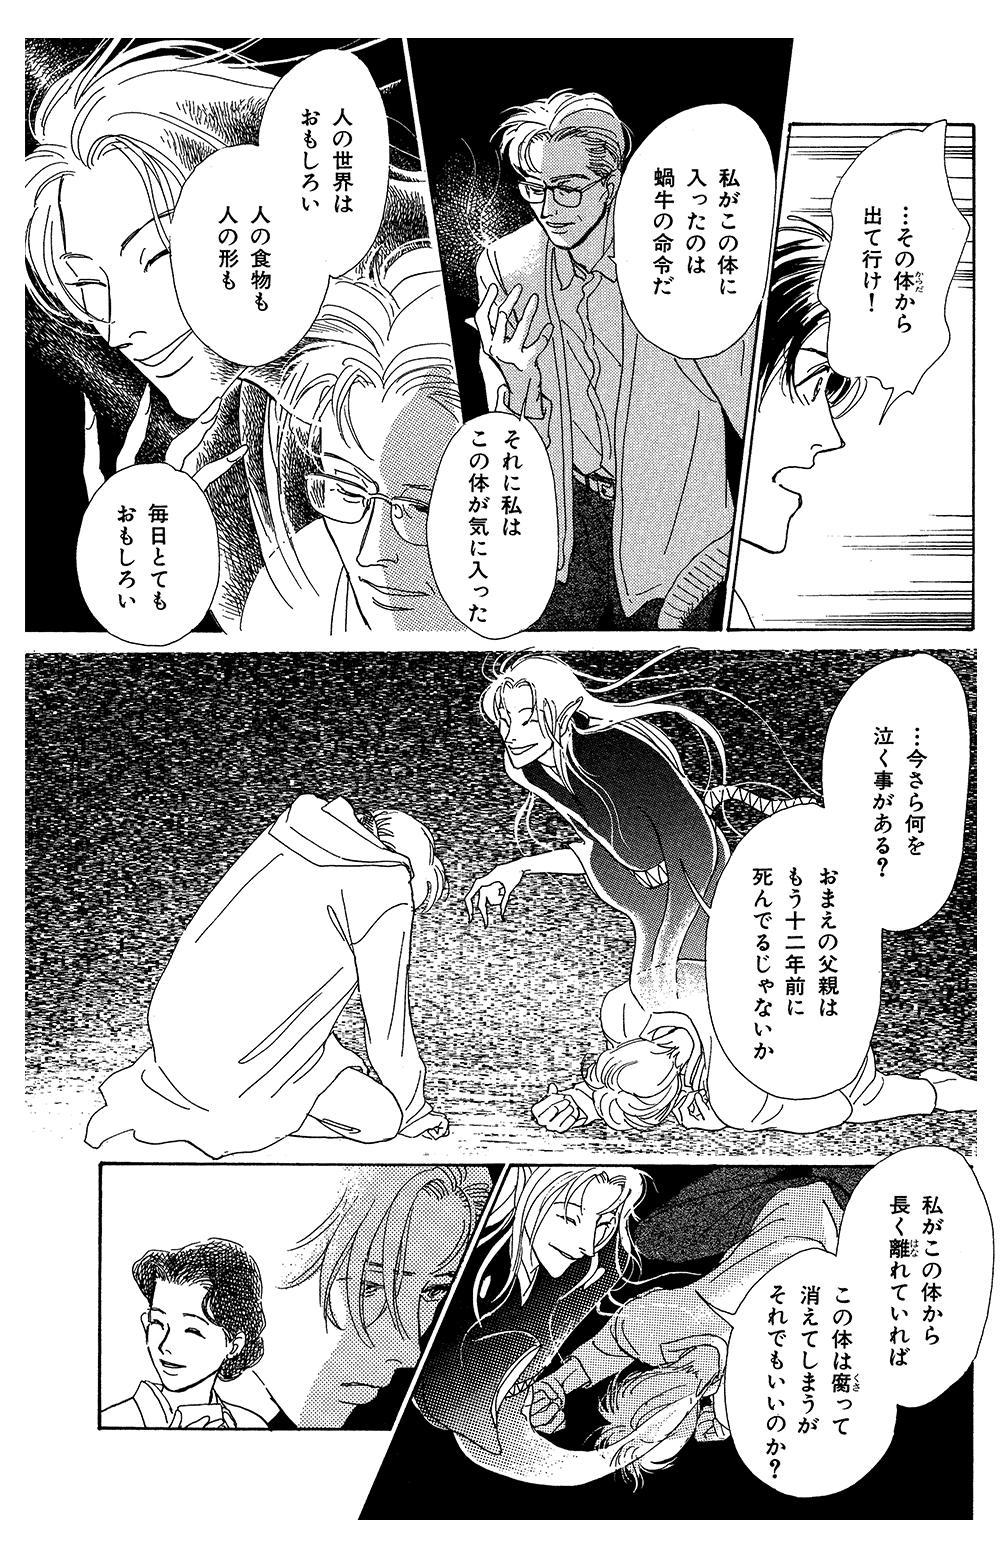 百鬼夜行抄 第1話「闇からの呼び声」⑤hyakki1-5-4.jpg